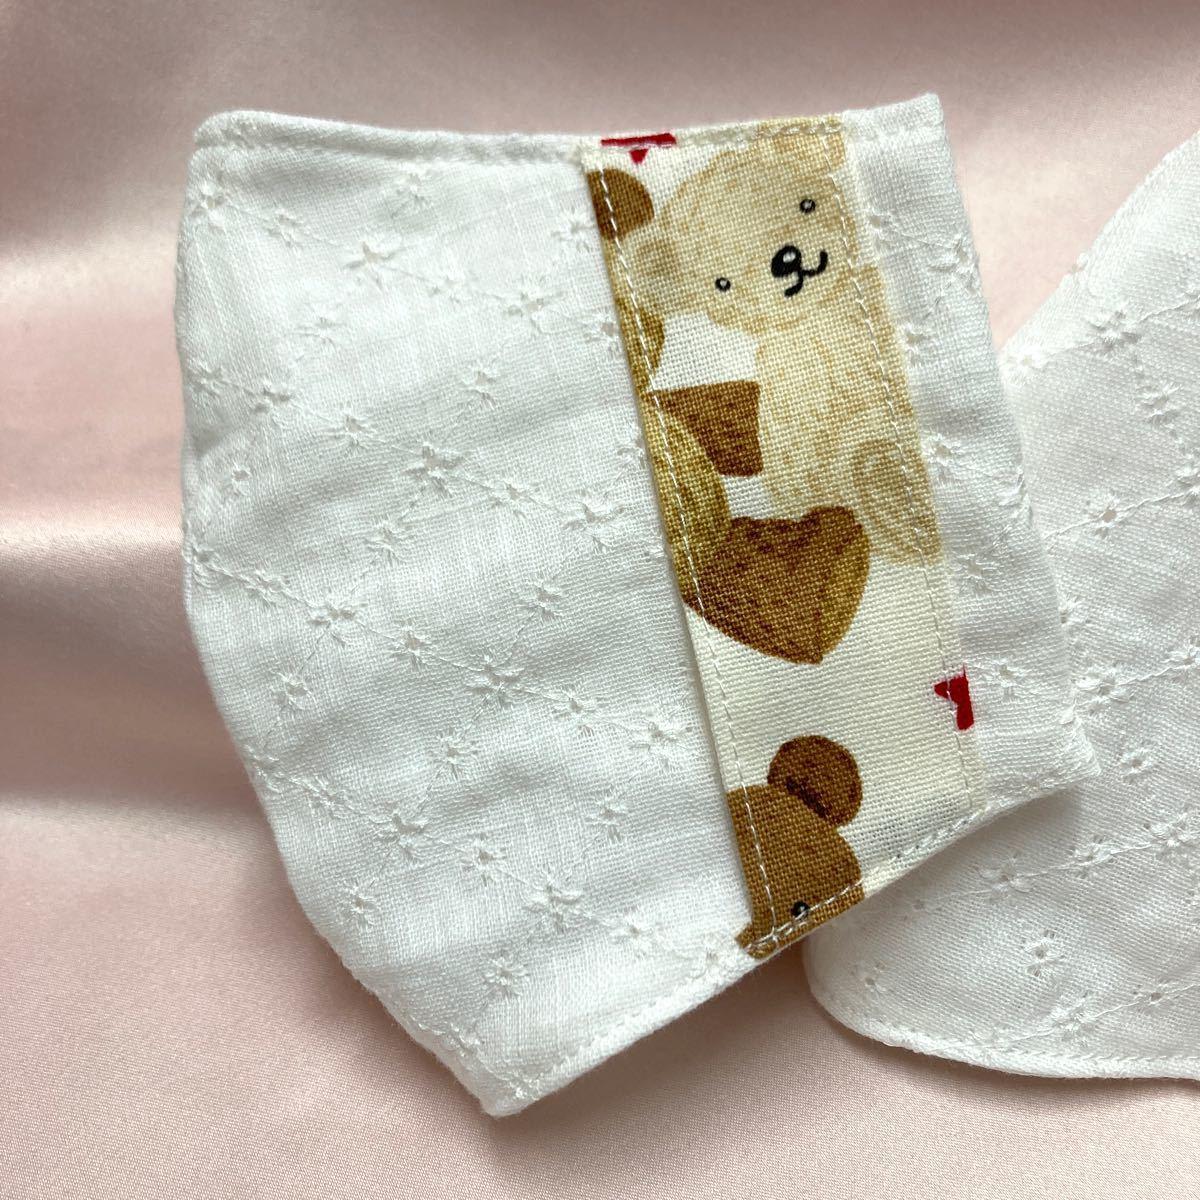 立体カバー 刺繍ダブルガーゼ生地のインナ ハンドメイド 2Way タイプ 2枚セット